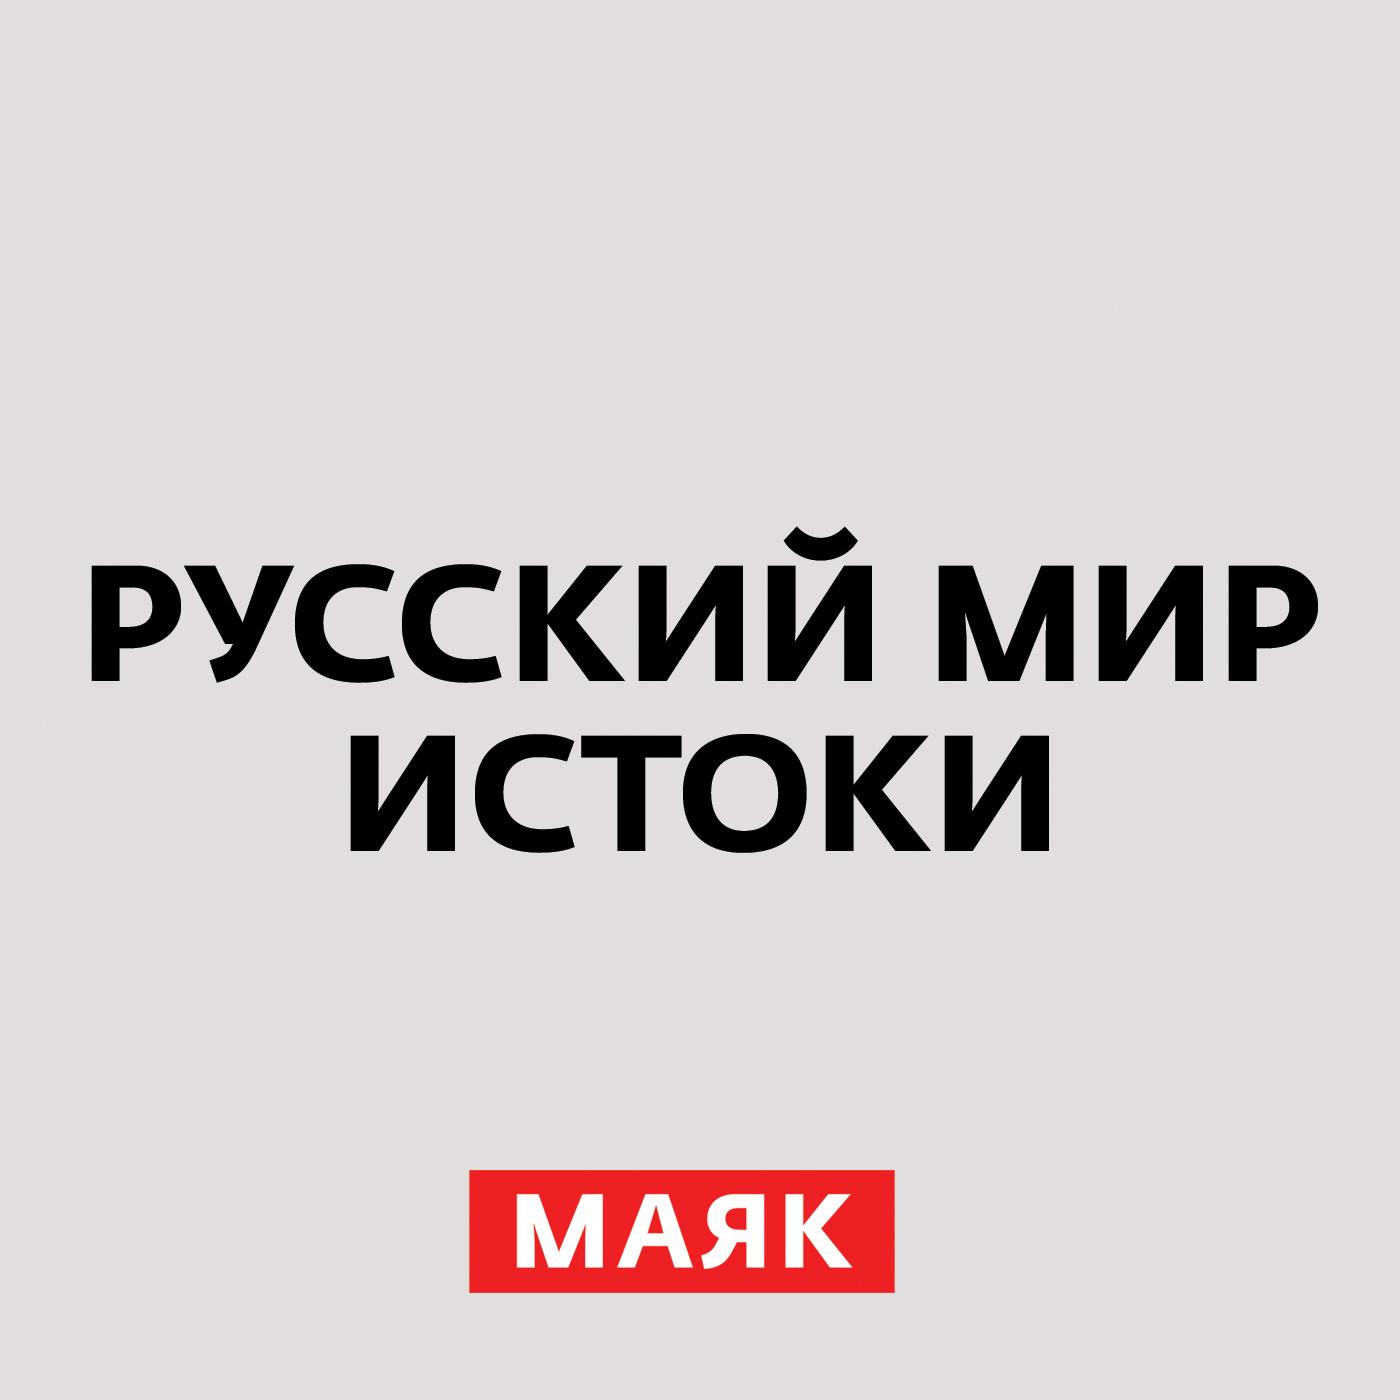 Творческий коллектив радио «Маяк» Ярослав Всеволодович елисеев г великий князь андрей боголюбский